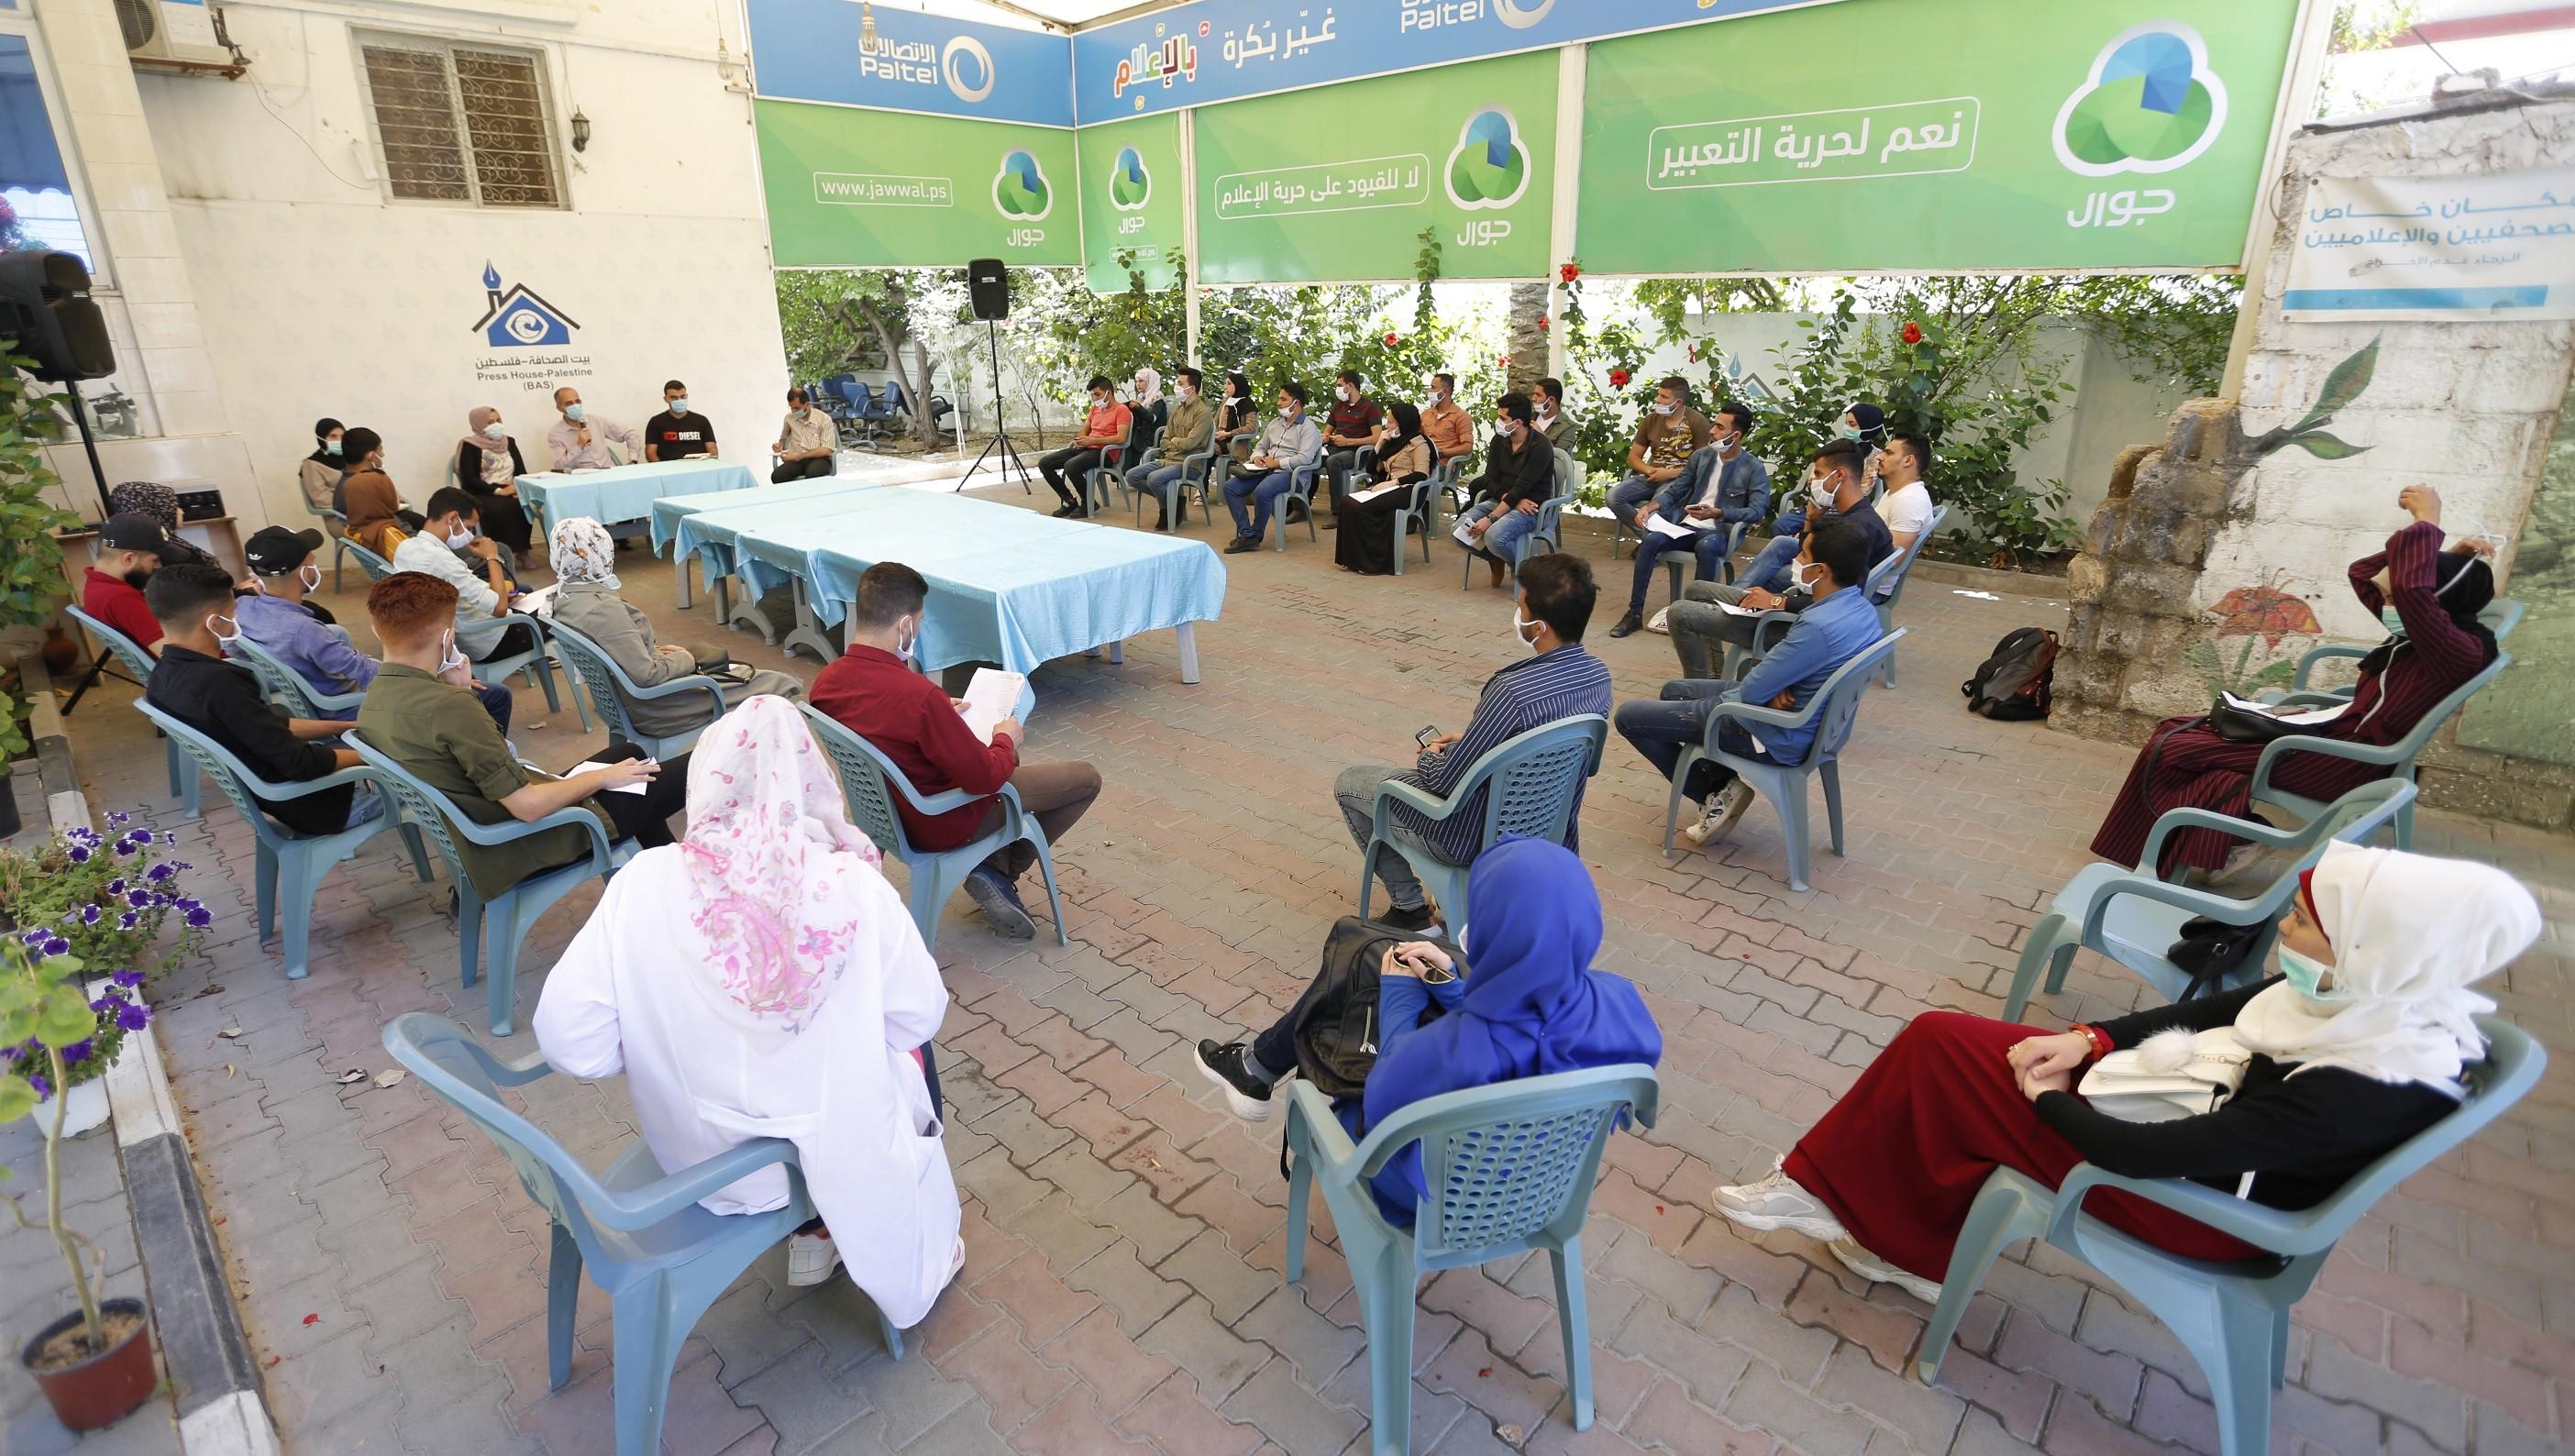 بيت الصحافة يعقد اجتماعاً خاصاً برؤساء المجموعات الشبابية